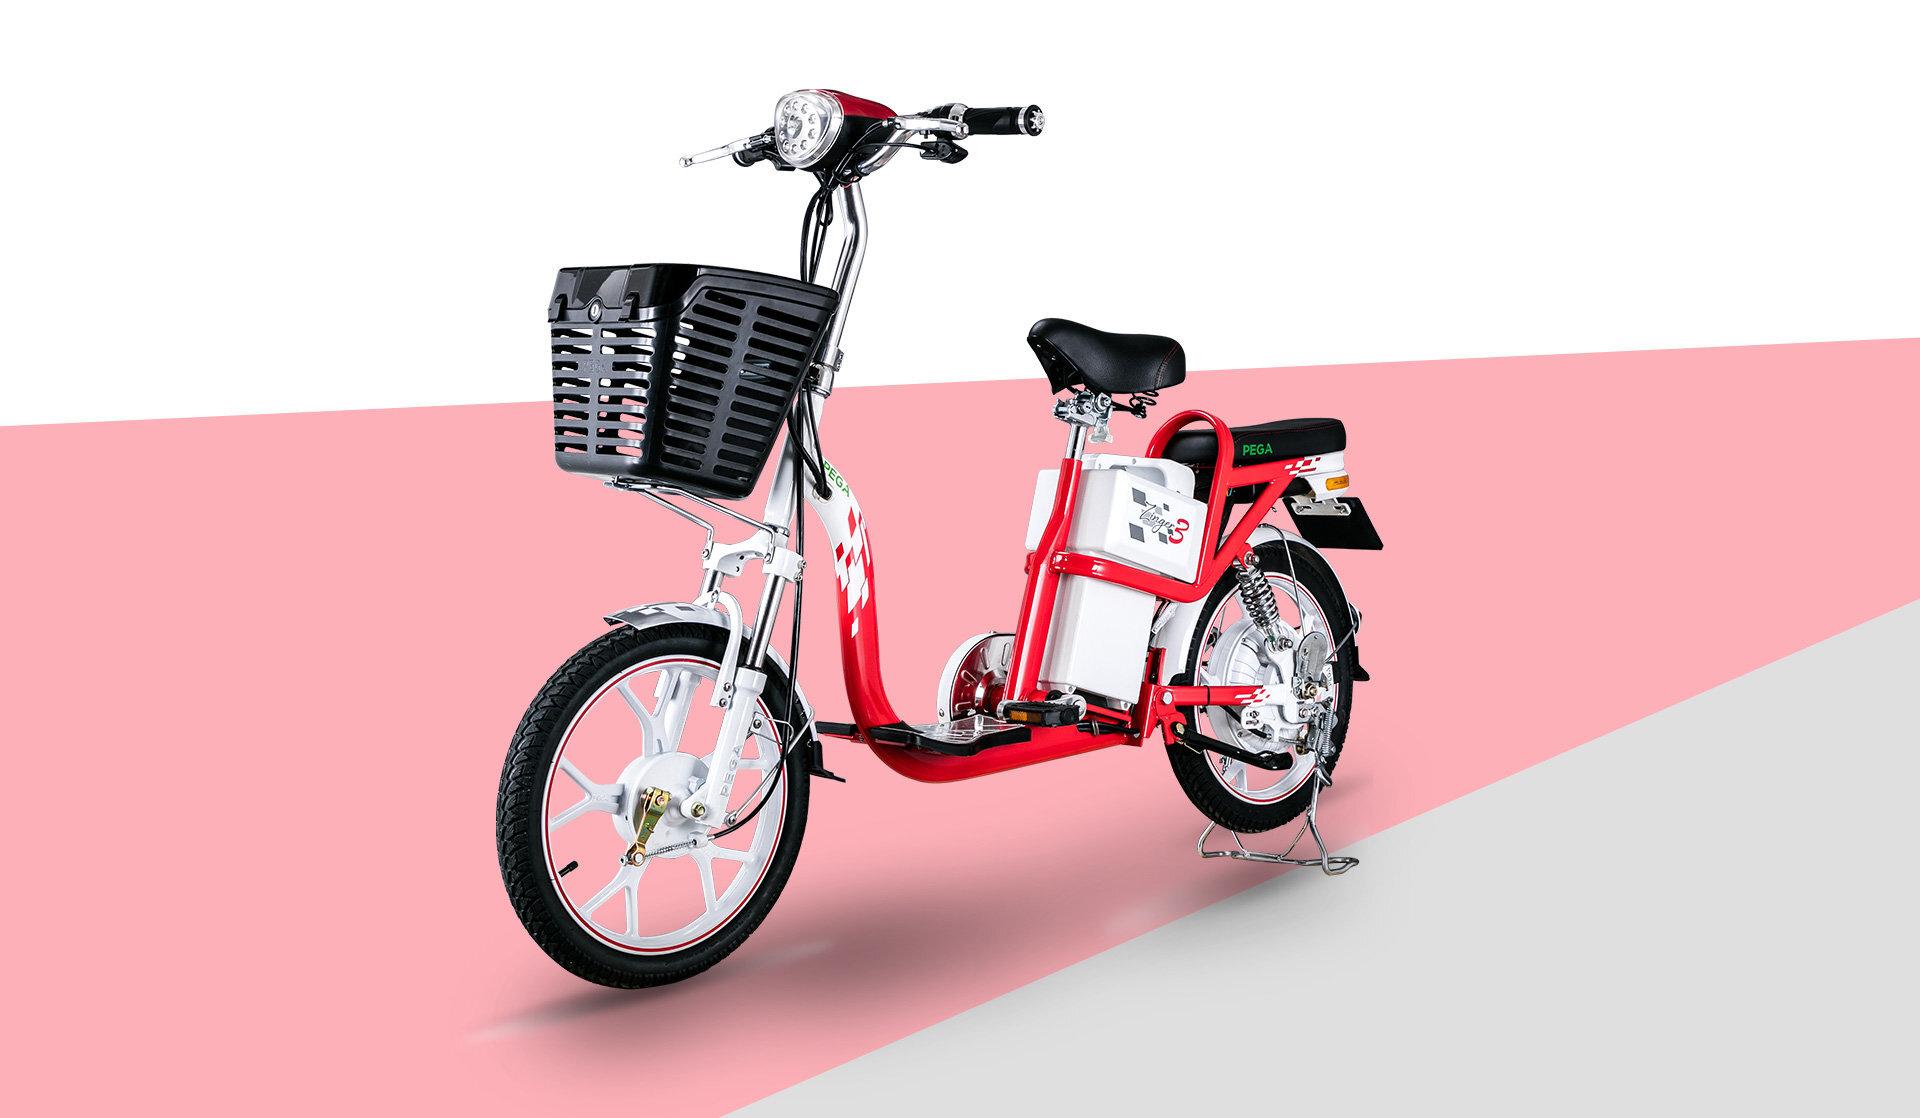 Chọn mua xe đạp điện tại địa chỉ uy tín đảm bảo chất lượng